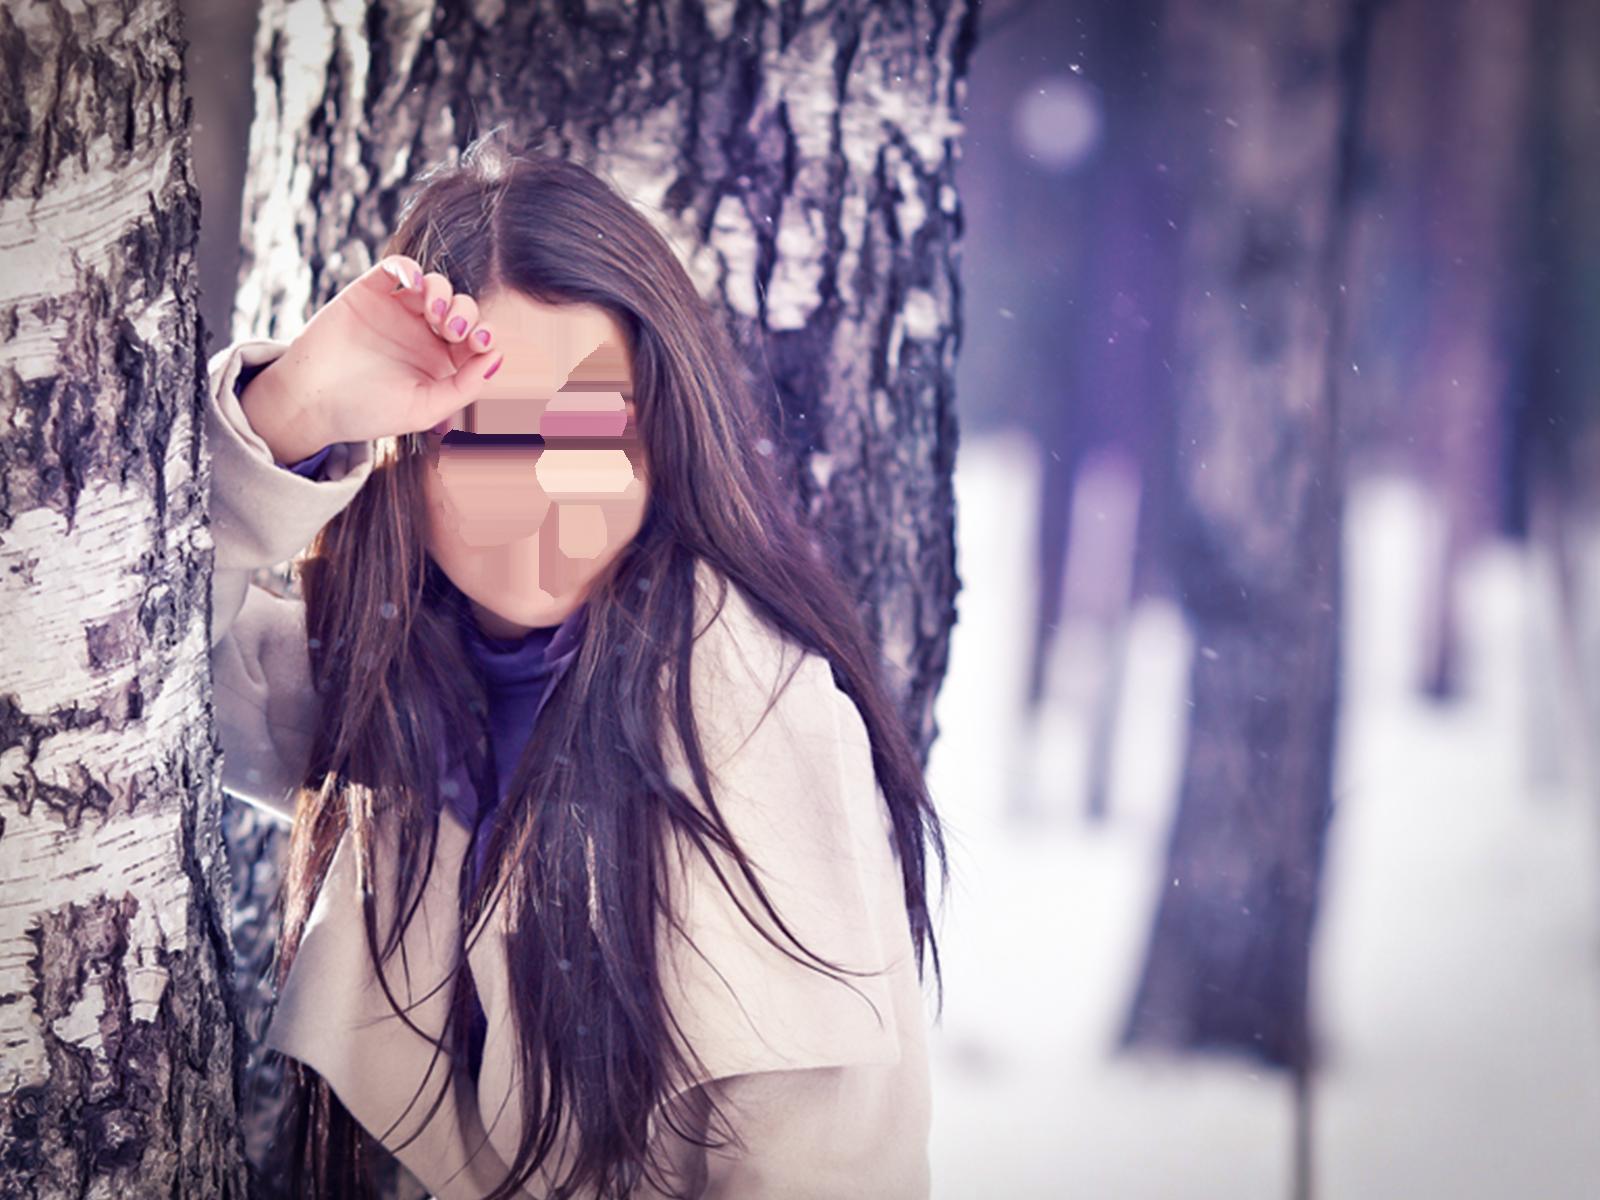 Фоторамка Девушка у березы Фоторамка для фотошопа, PNG шаблон.